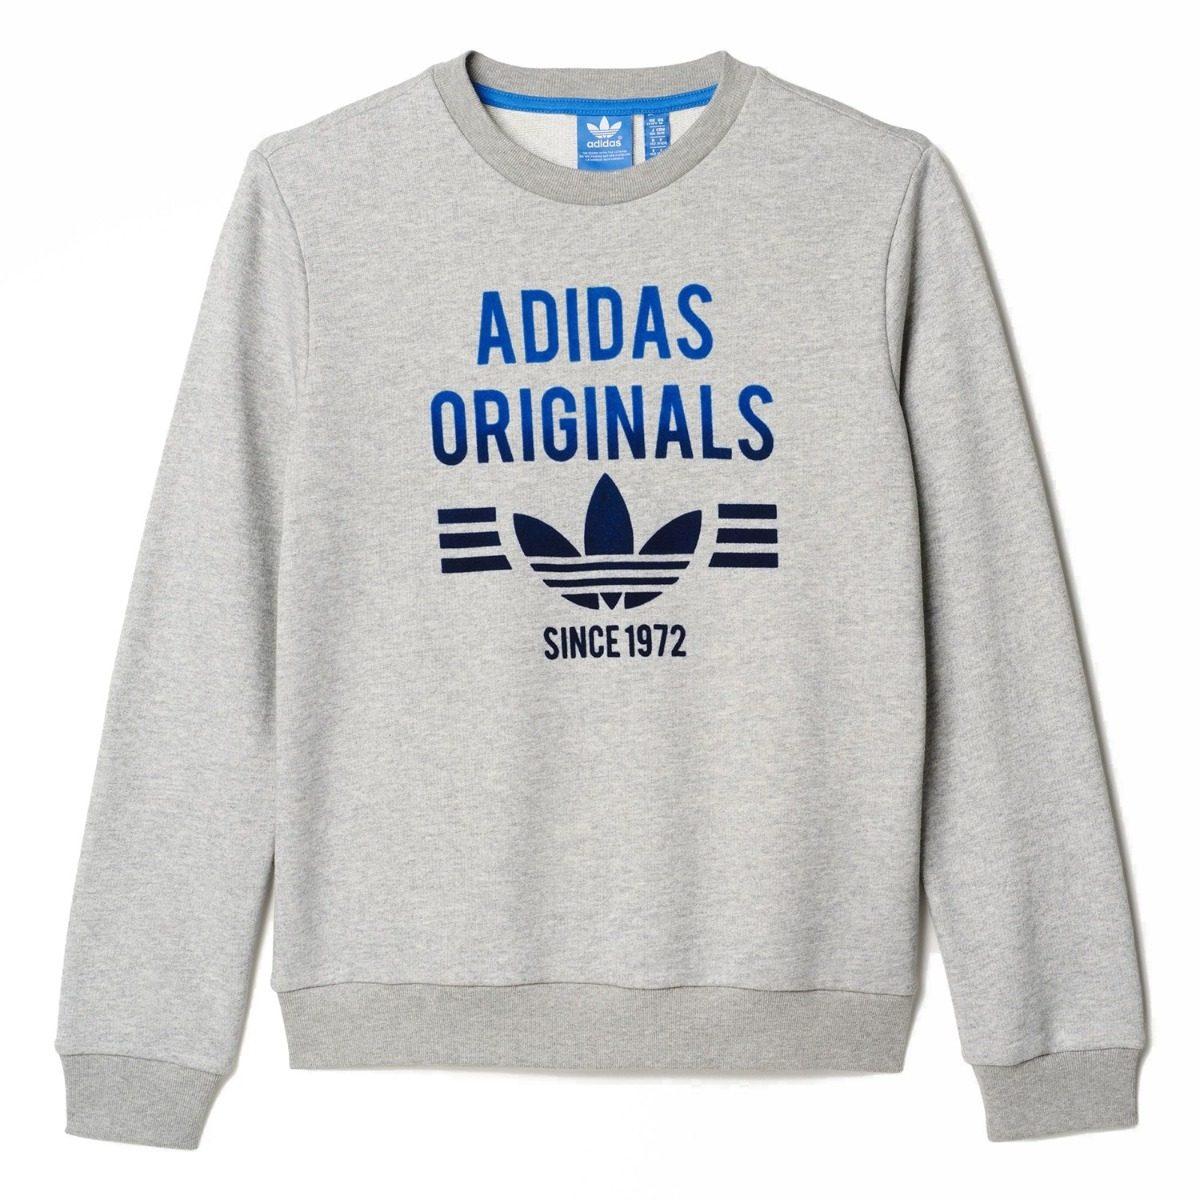 00 Azul Gris Mercado En Adidas Crew 1 050 Libre Sudadera tp1Yxf